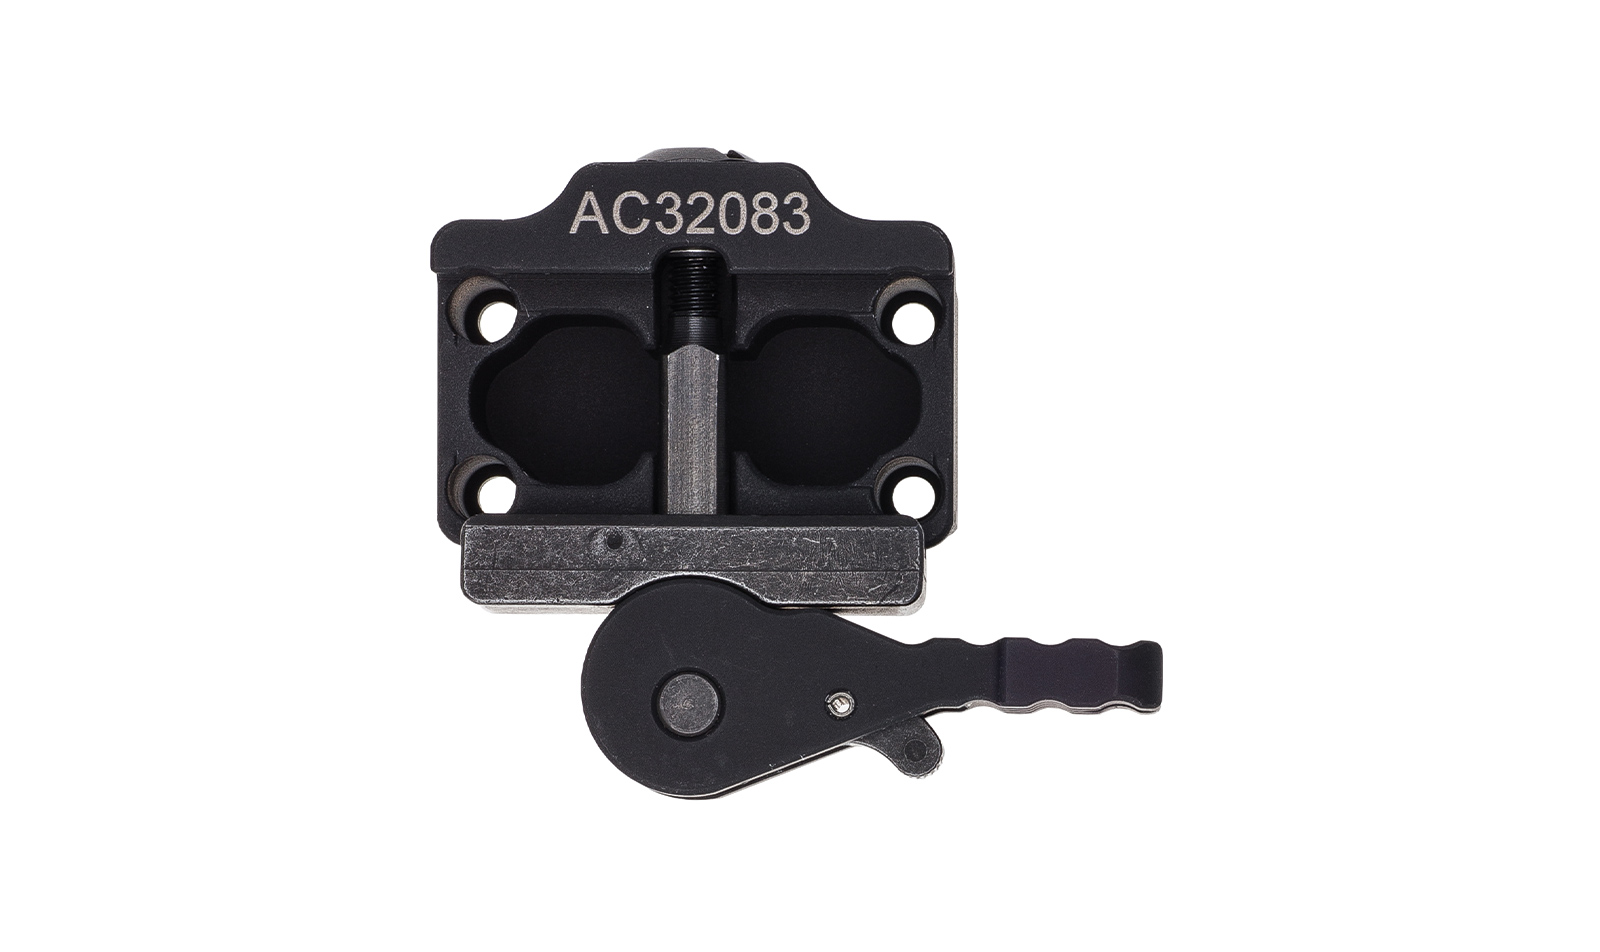 AC32083 angle 6